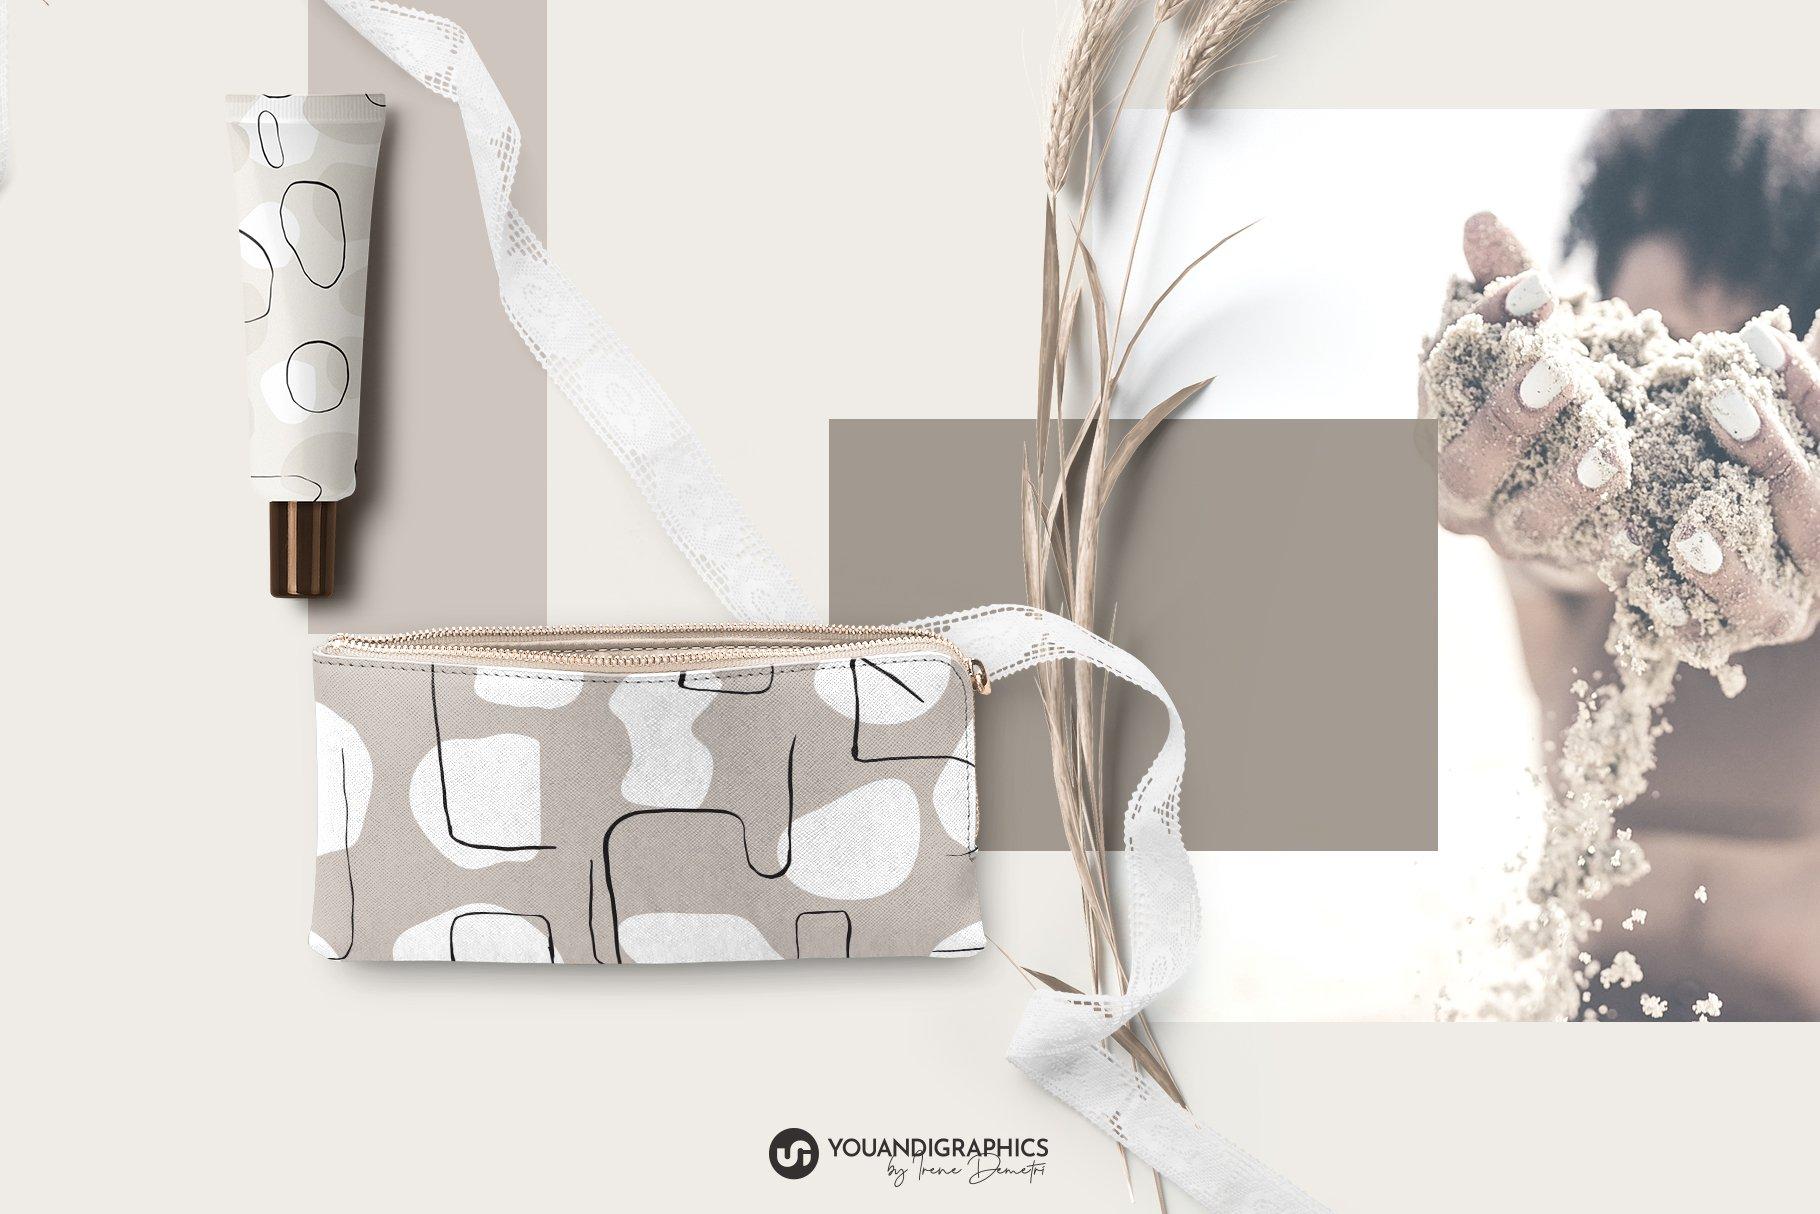 抽象艺术线条无缝隙矢量图案设计素材 Abstract Line Art Seamless Patterns插图8